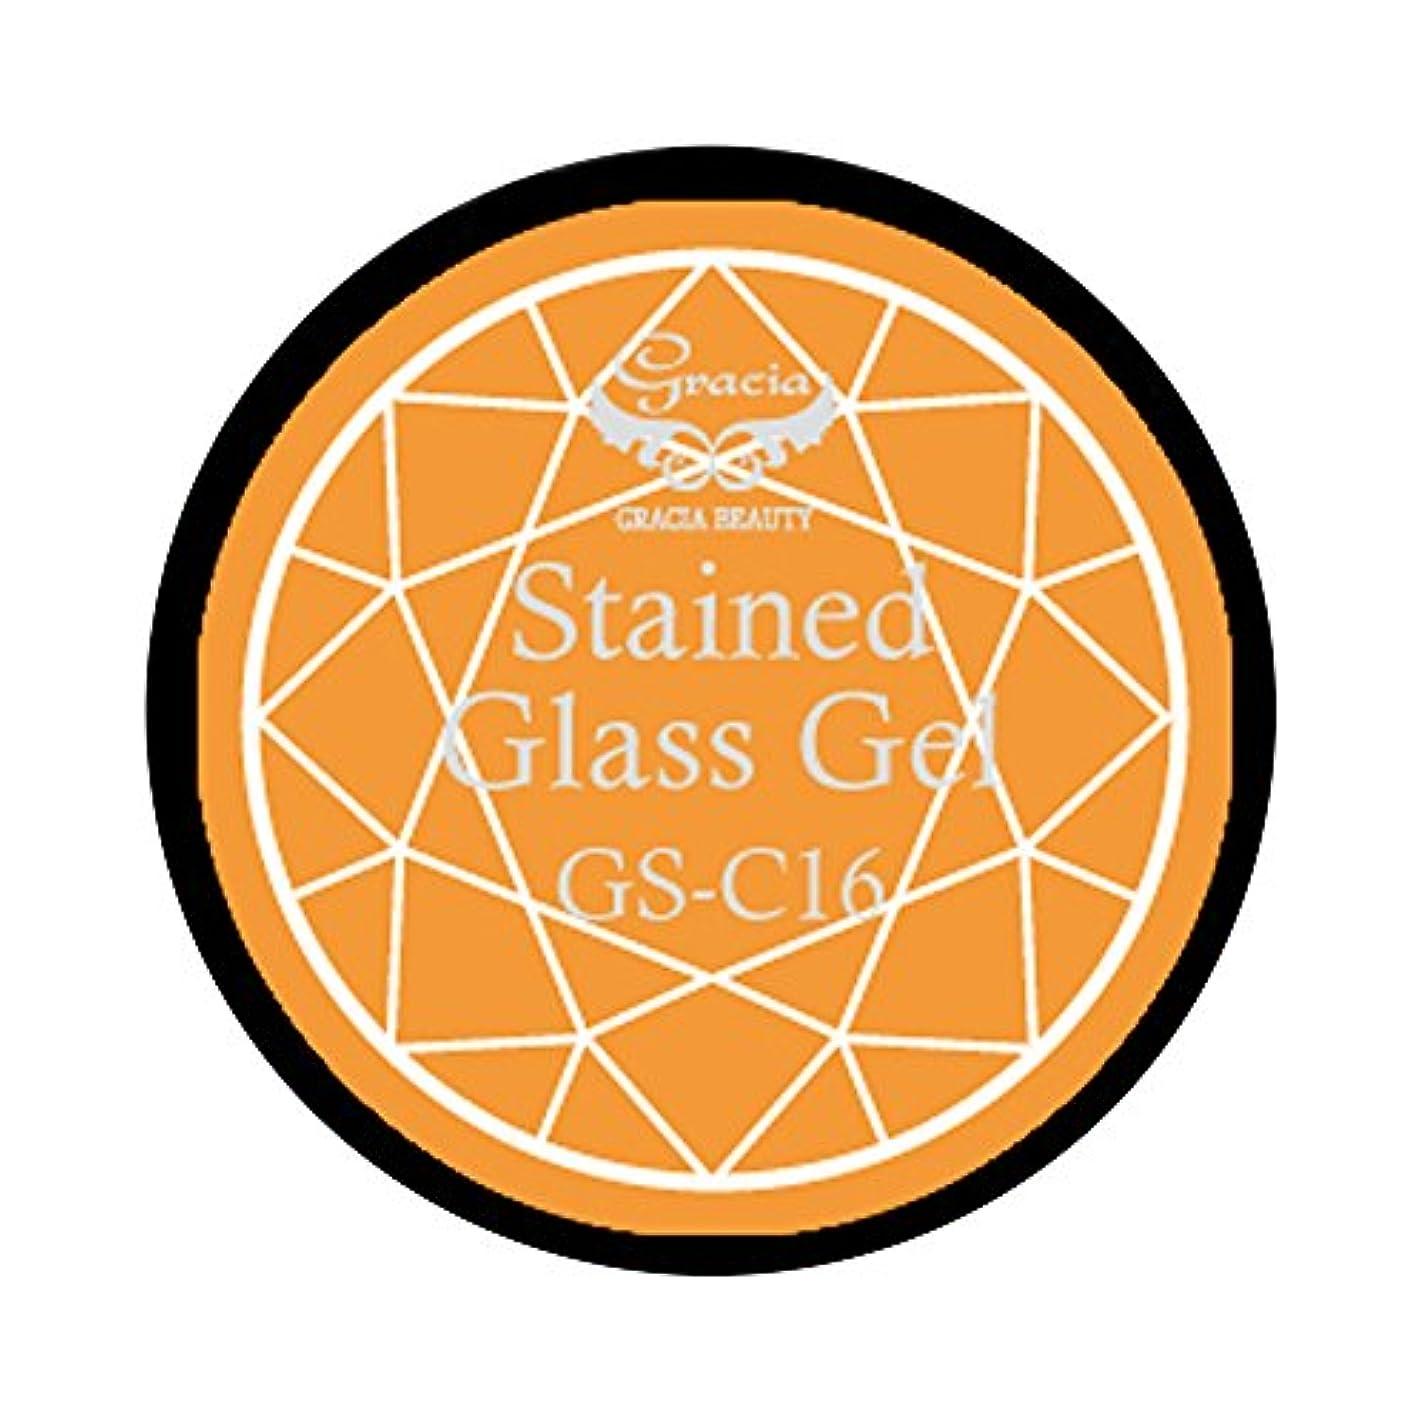 任意神学校なんでもグラシア ジェルネイル ステンドグラスジェル GSM-C16 3g  クリア UV/LED対応 カラージェル ソークオフジェル ガラスのような透明感